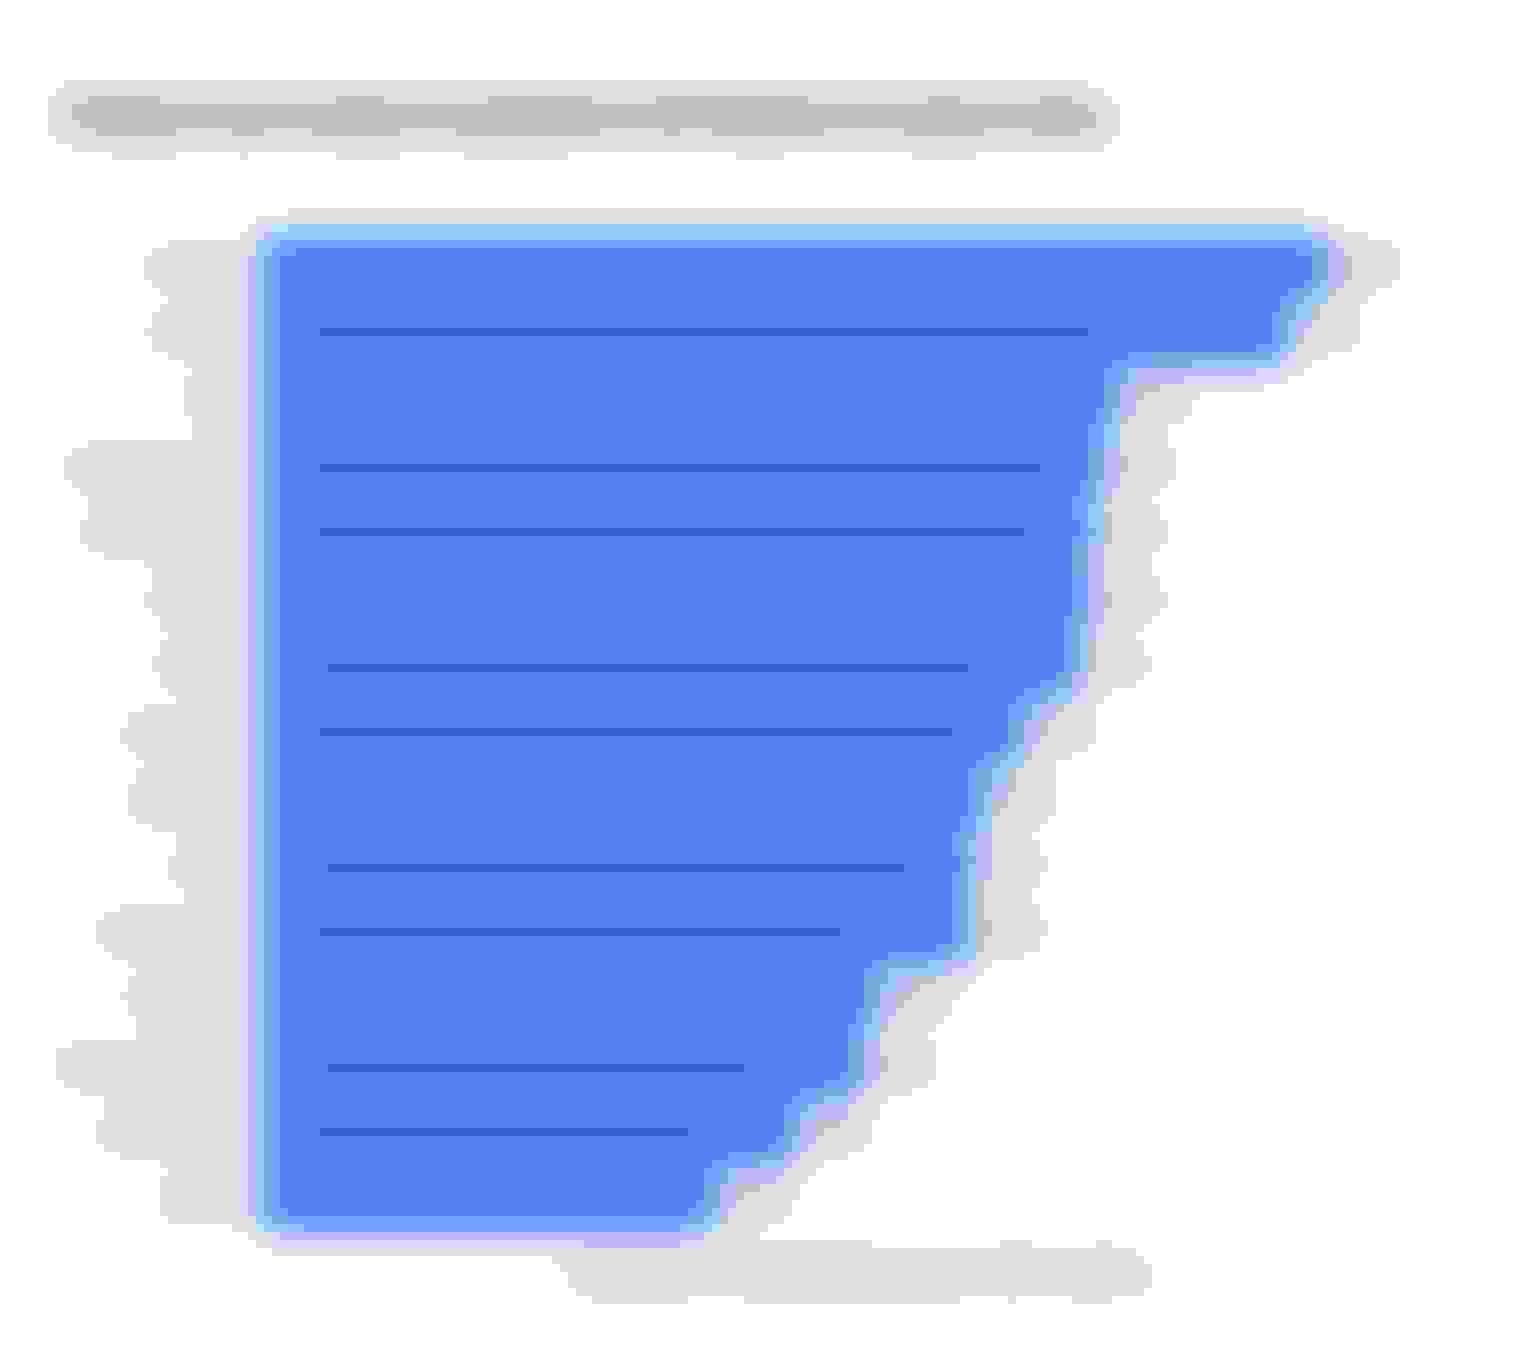 chart increase Georgia 8%, Arizona 7%, Ohio 6%